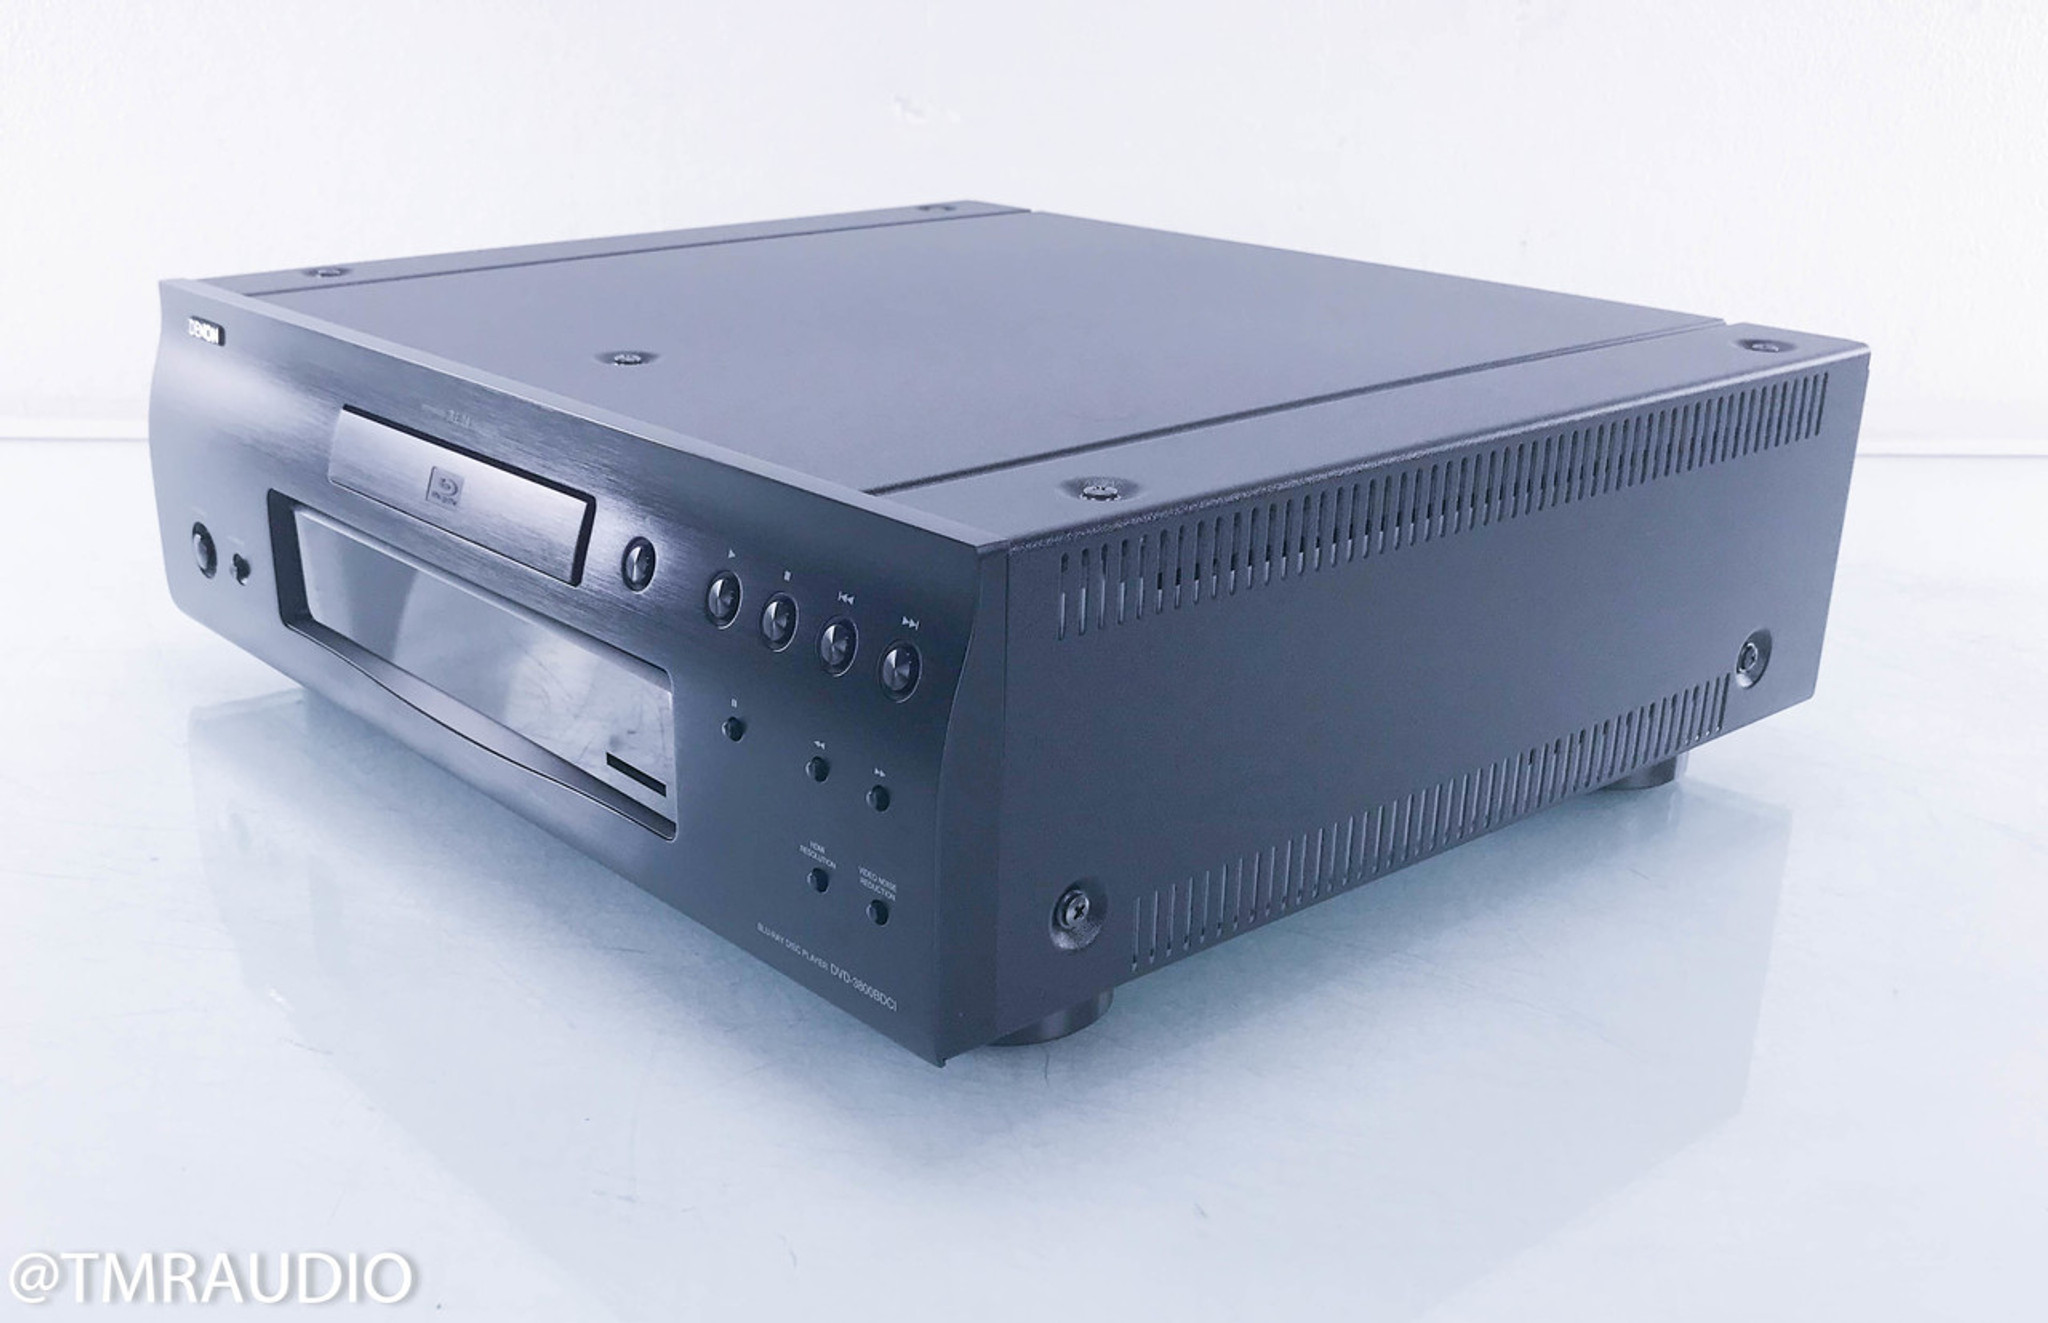 Denon Dvd-3800bdci Blu-ray Disc Player  Remote